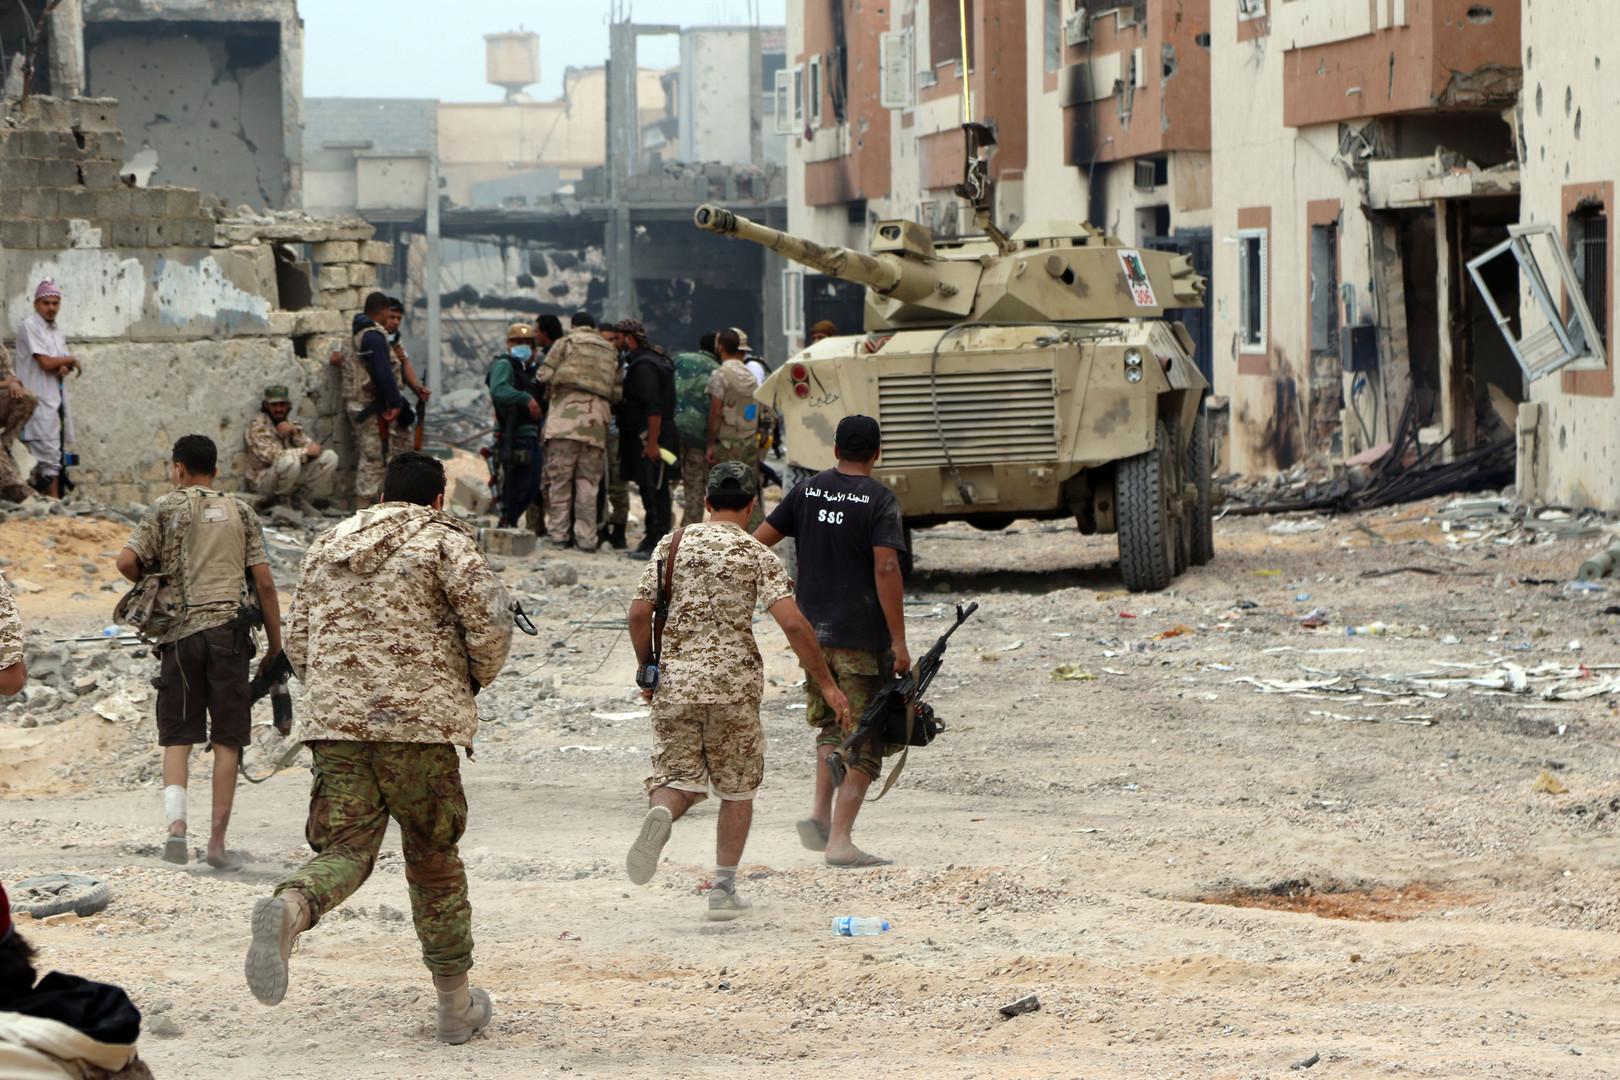 В Ливии более 140 человек стали жертвами атаки на авиабазу